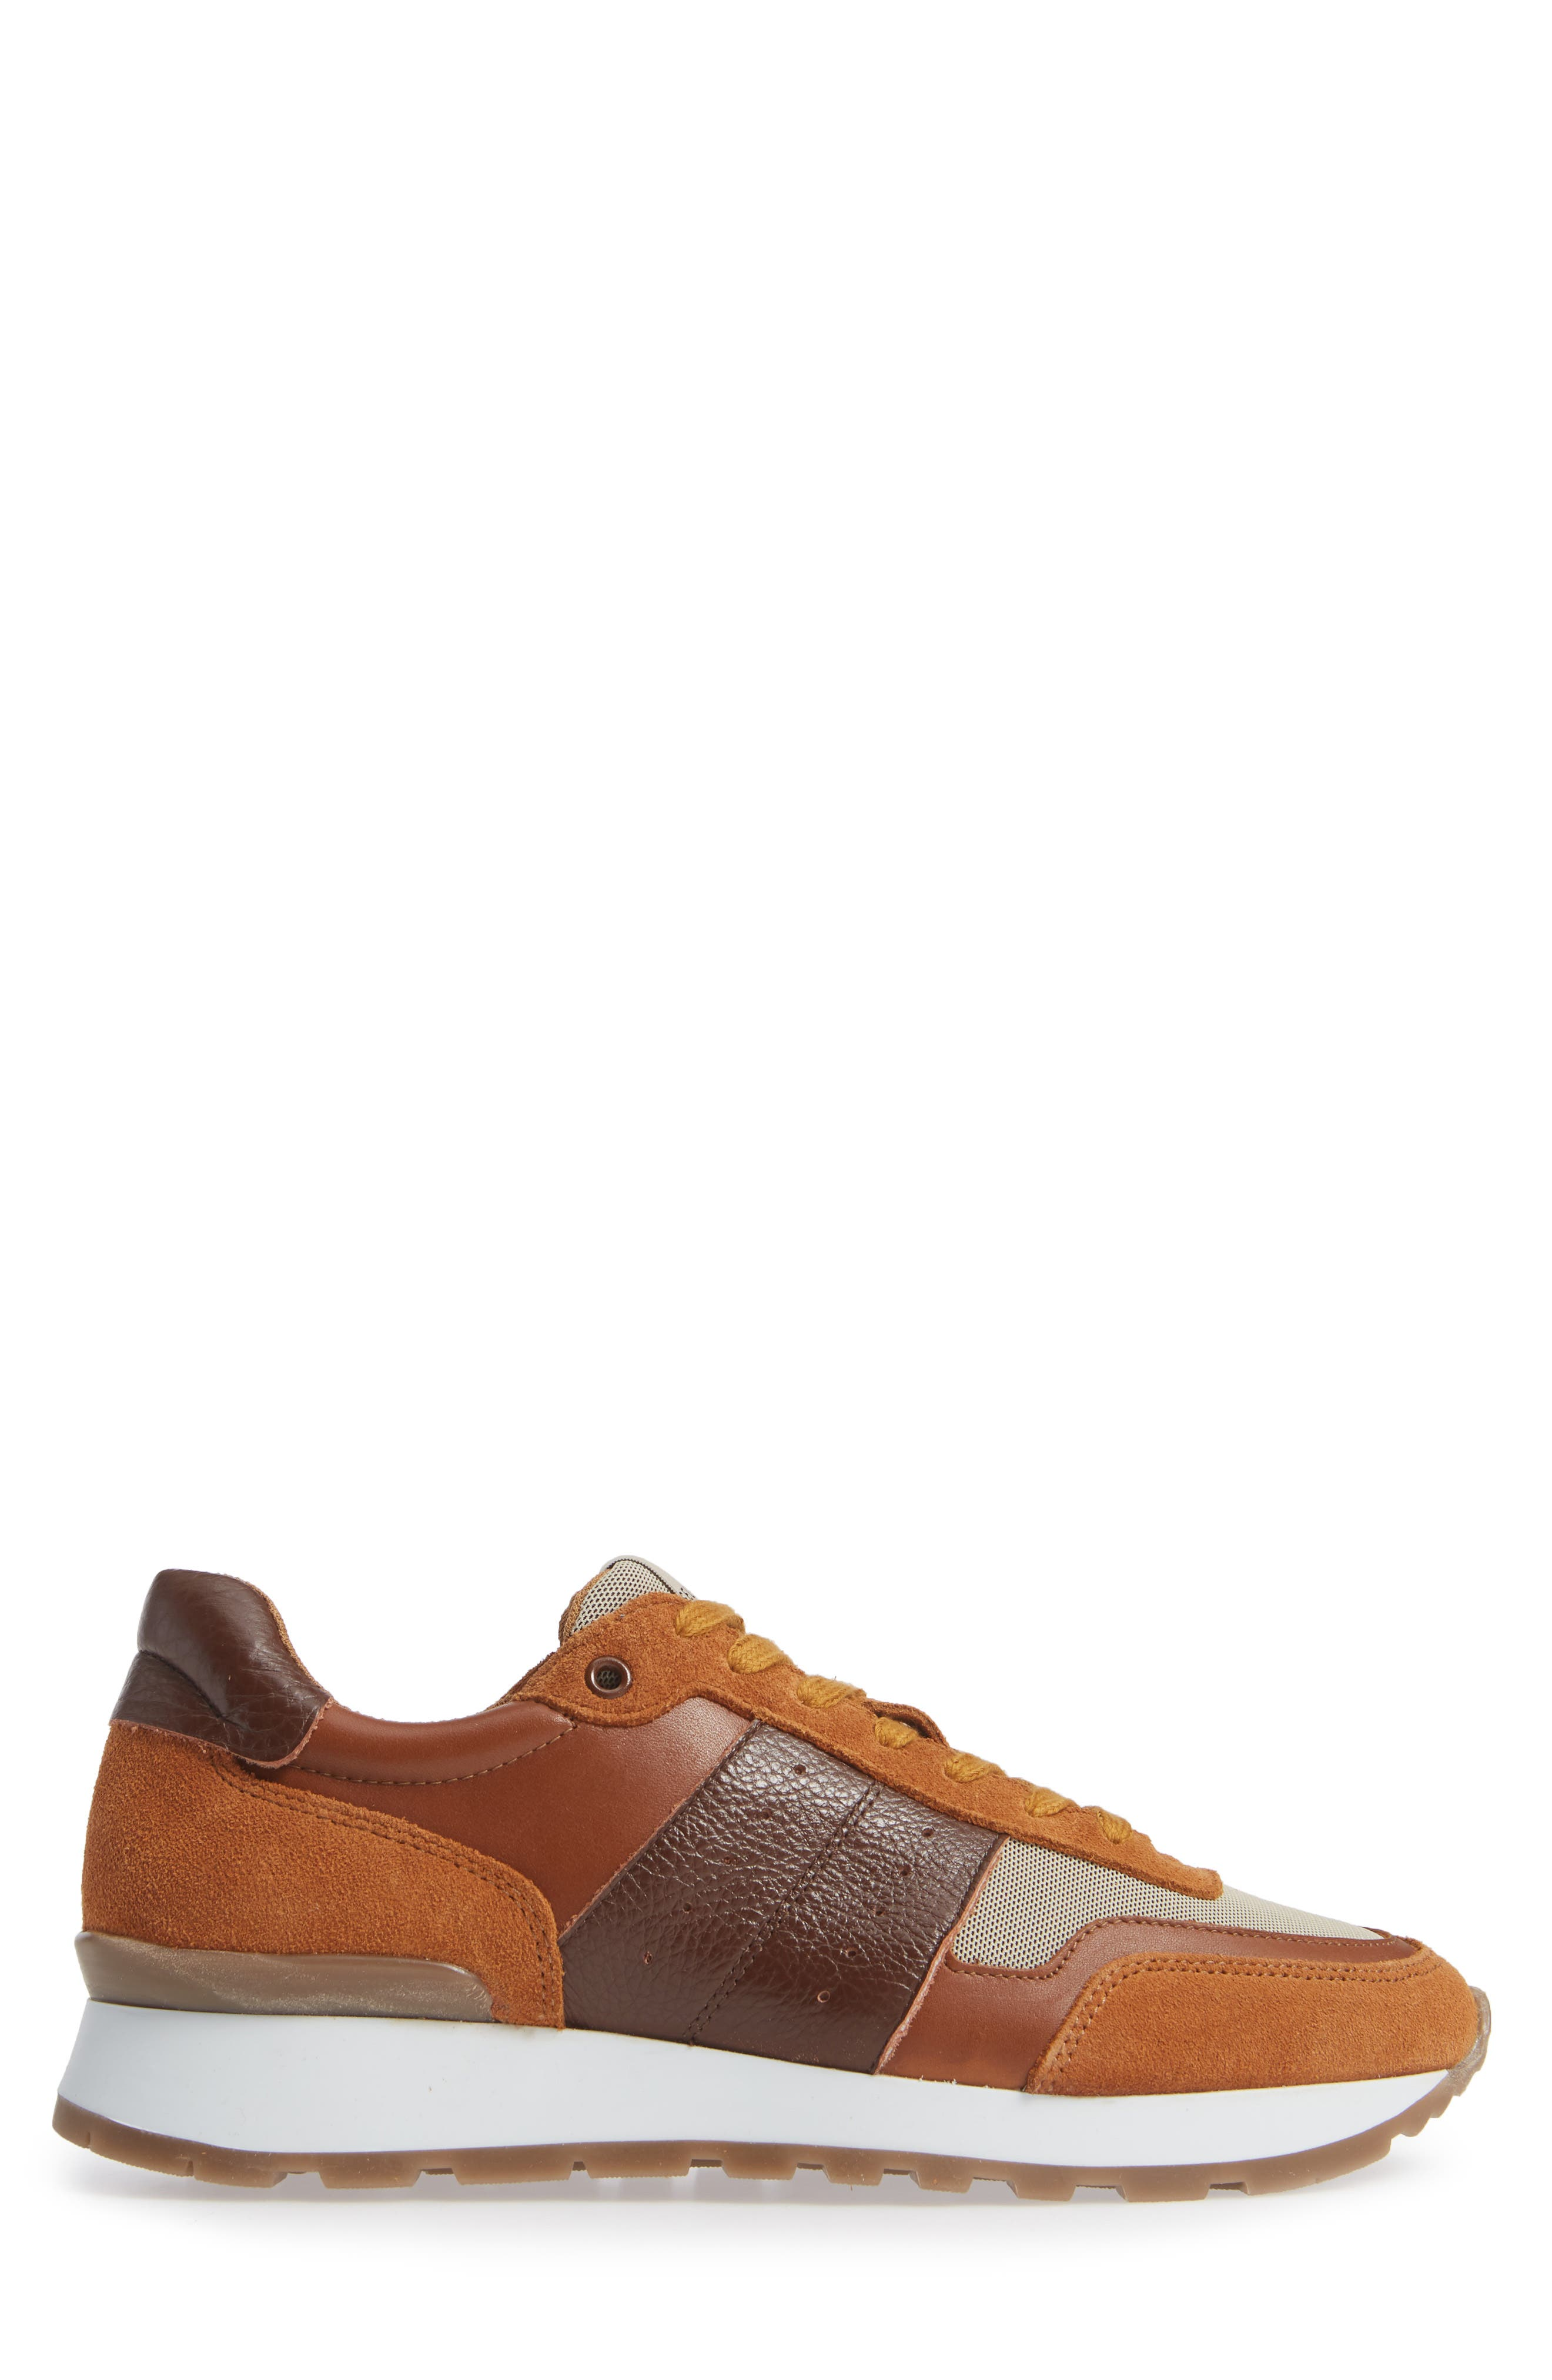 Frank Mix Sneaker,                             Alternate thumbnail 3, color,                             GLAZED GINGER